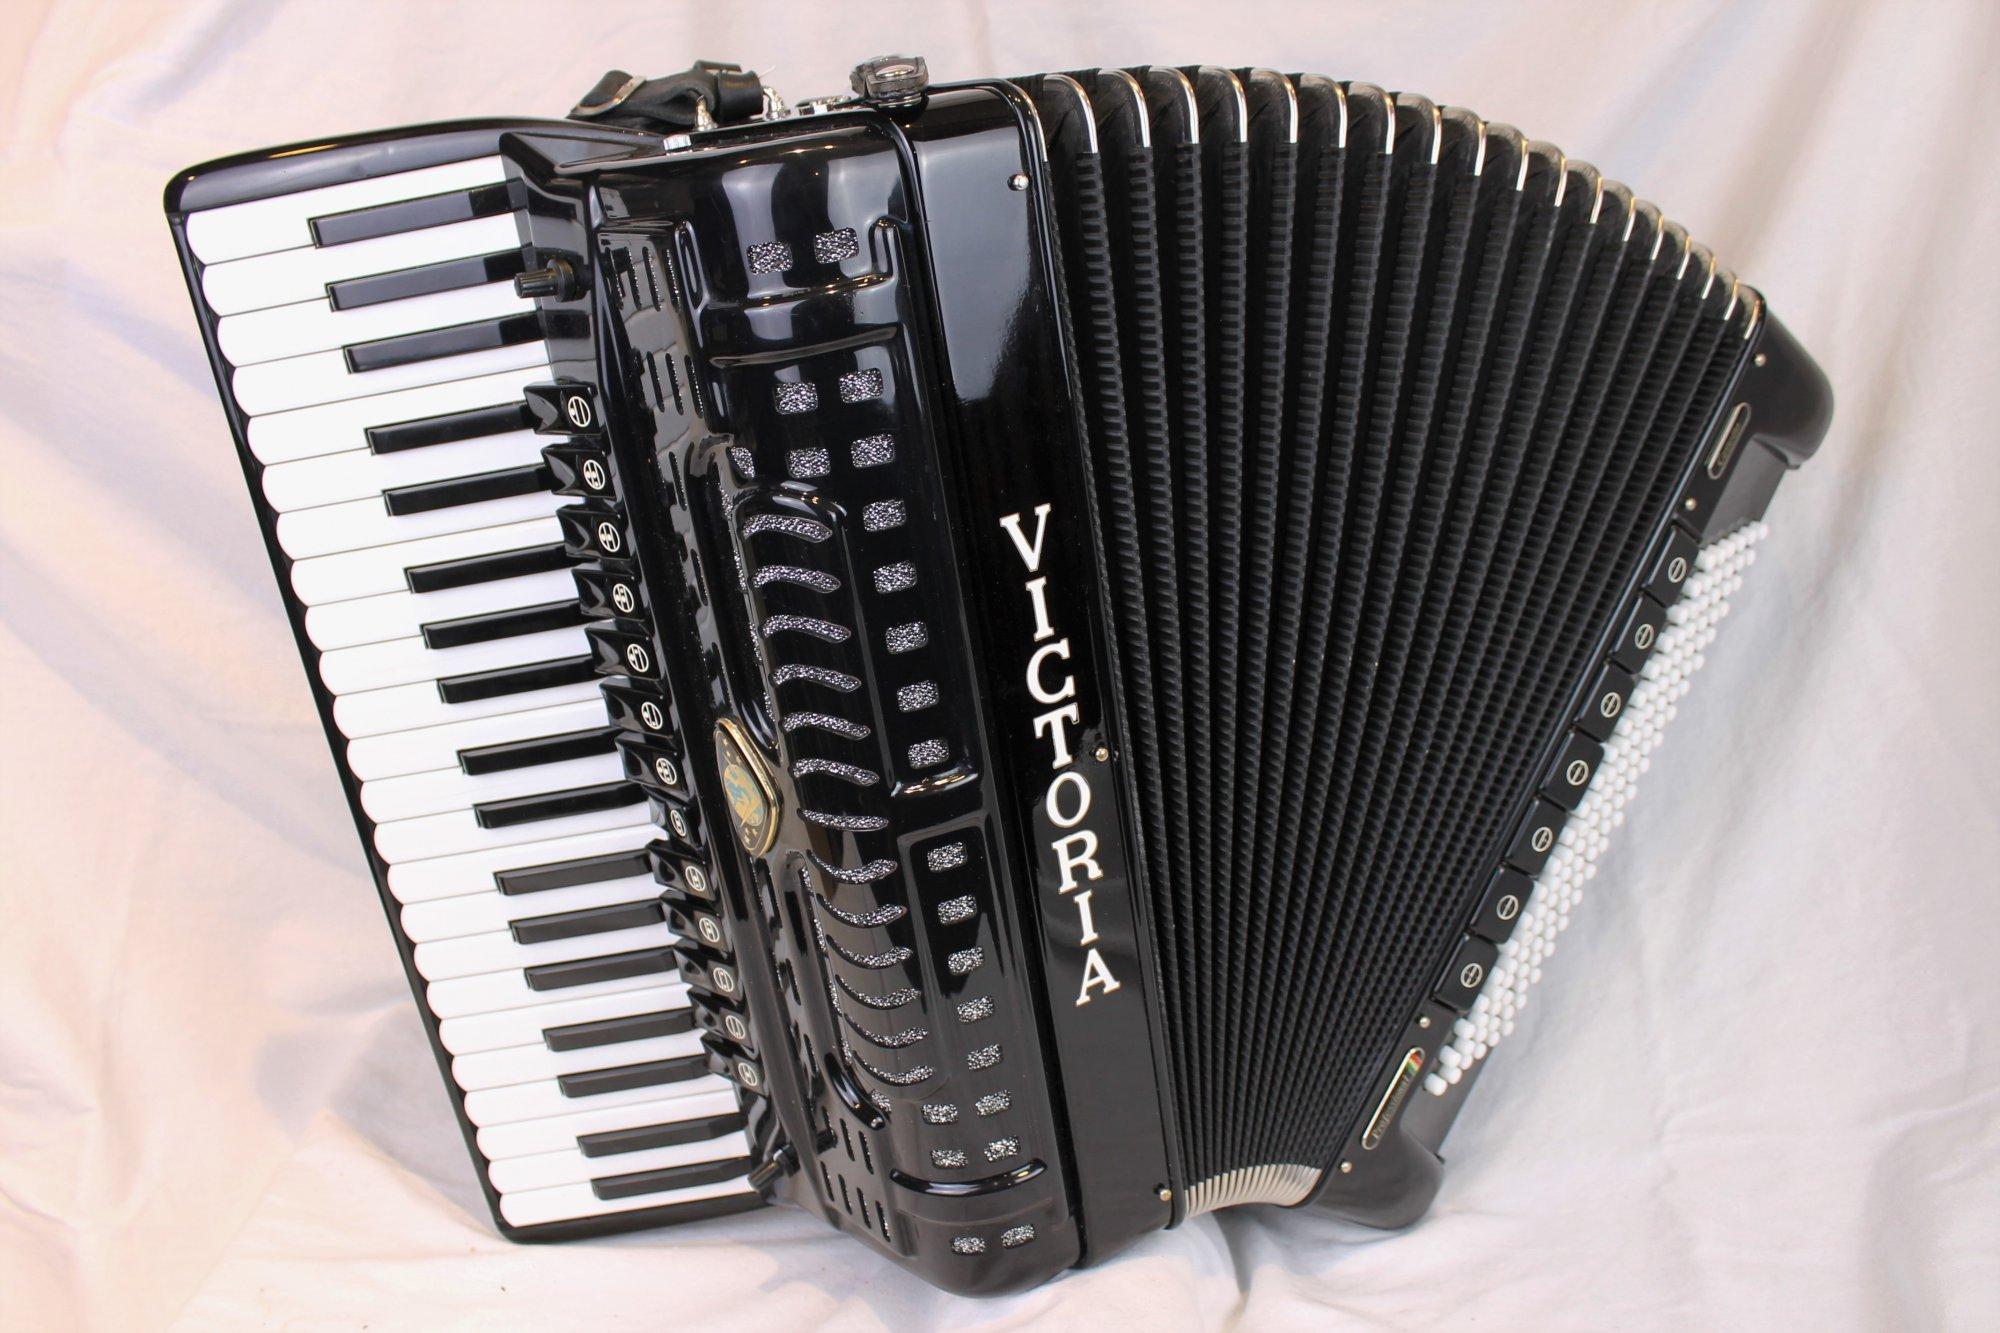 3915 - Black Victoria Professional Cassotto Piano Accordion LMMM 41 120